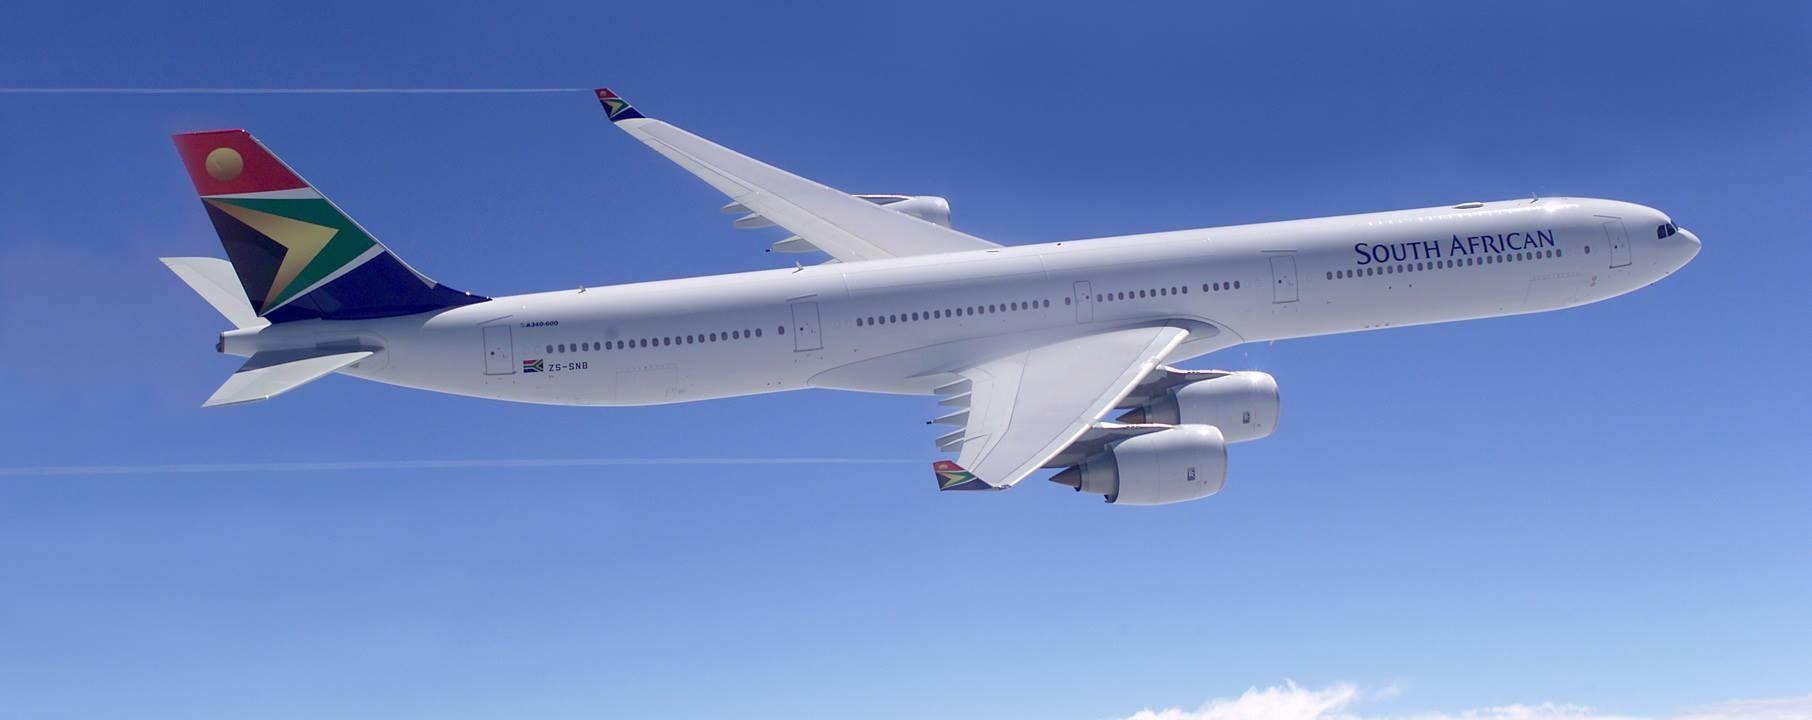 Resultado de imagen para south african airways